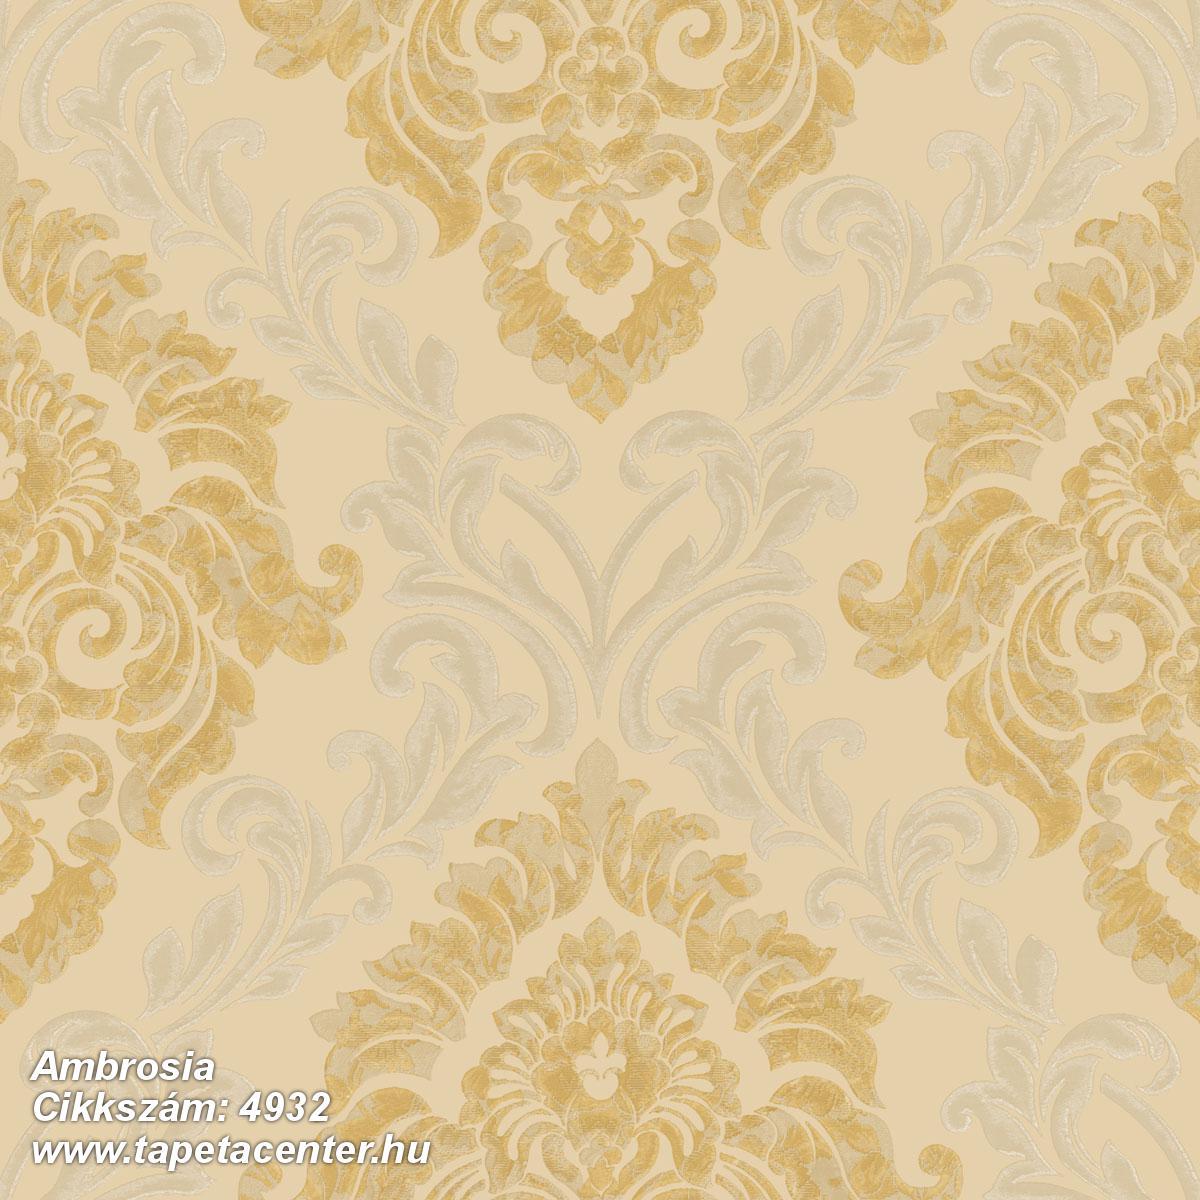 Barokk-klasszikus,textil hatású,arany,bézs-drapp,bronz,súrolható,vlies tapéta